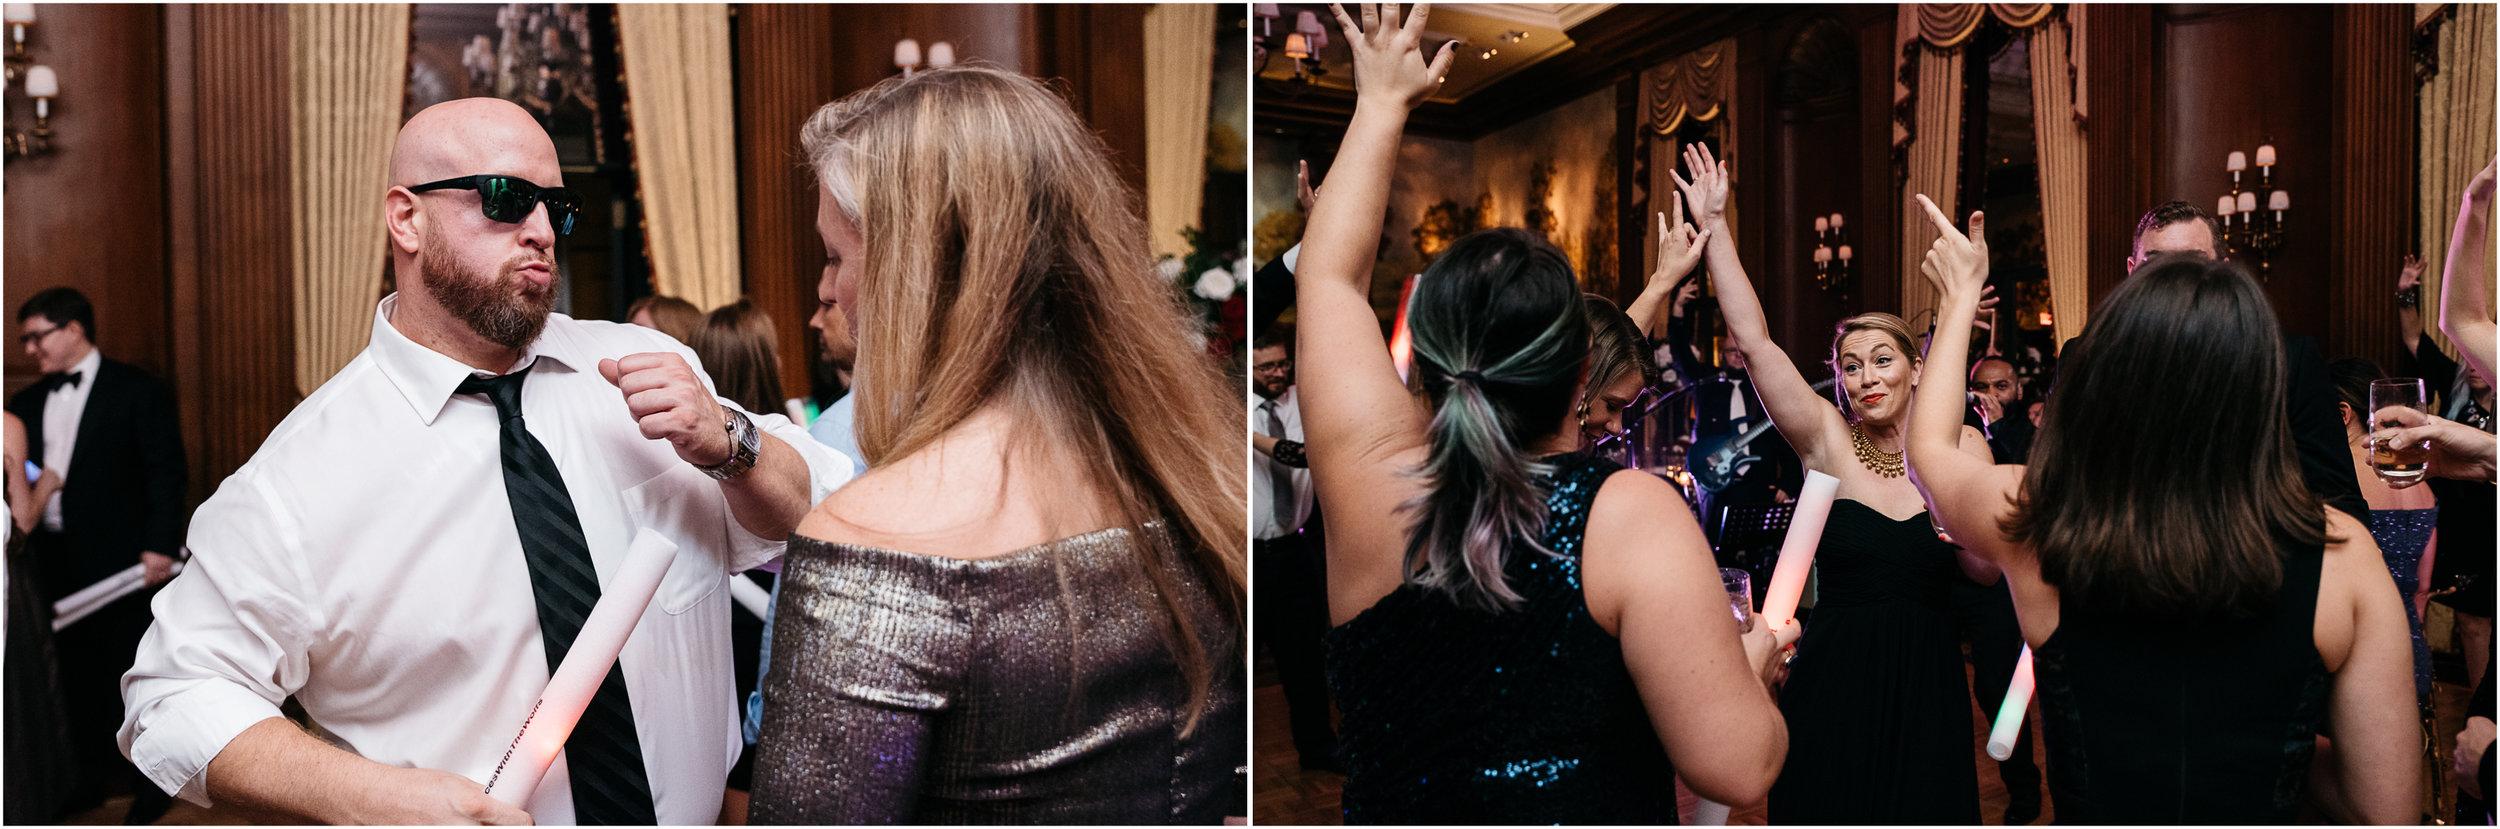 duquesne club reception dancing.jpg